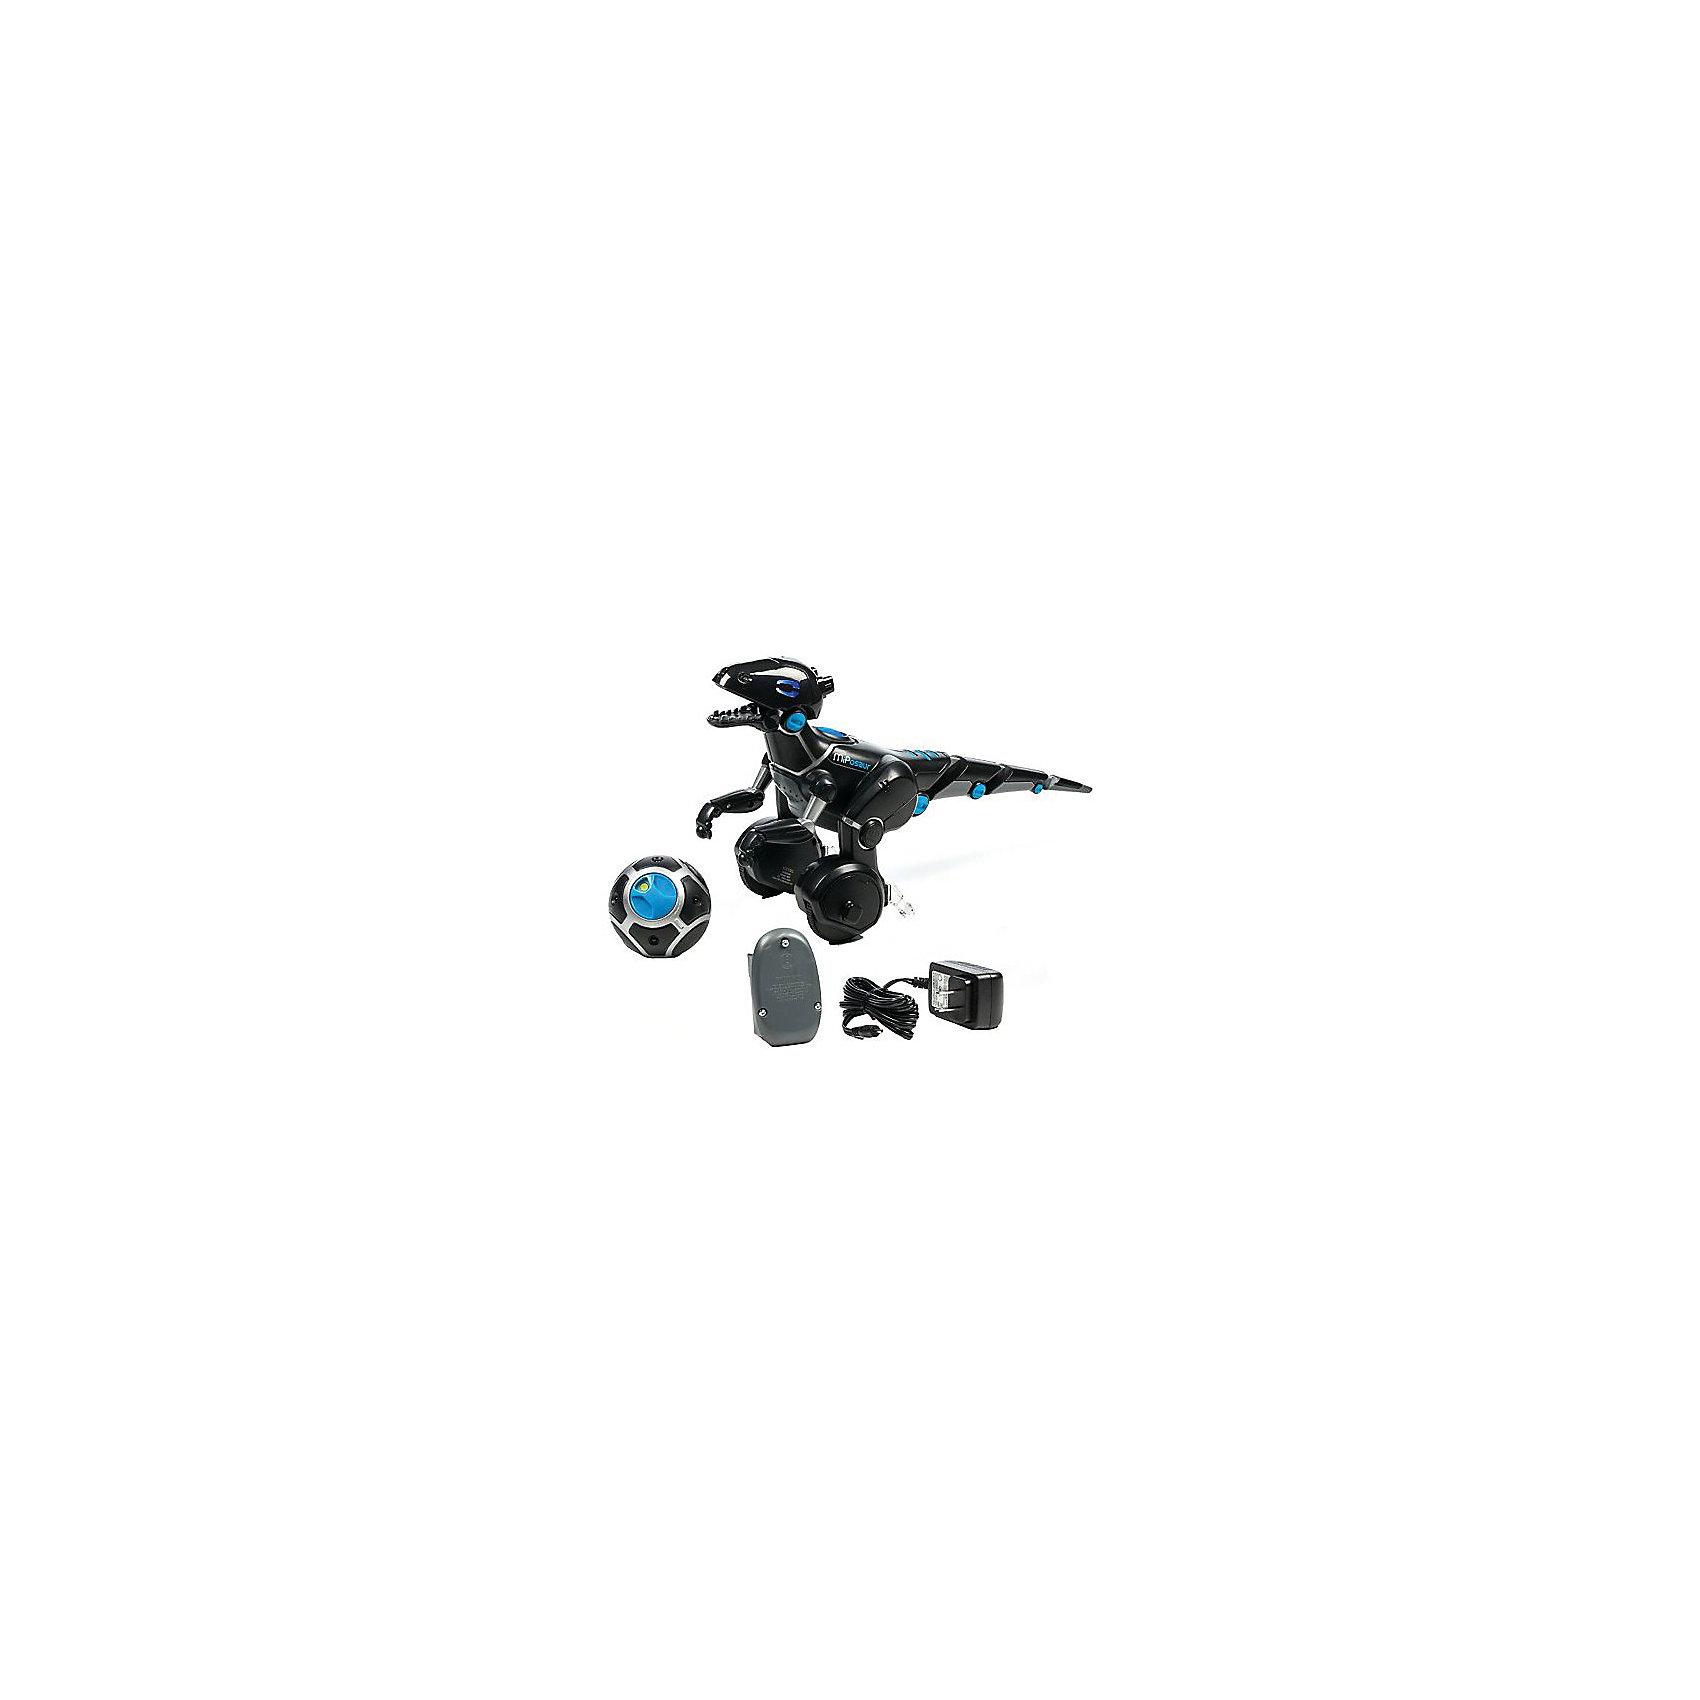 Робот Мипозавр, WowWeeРоботы<br>Робот Мипозавр от WowWee, несомненно, станет одной из любимых игрушек ребенка. Динозавр на колесиках очень любит играть в мячик. Установите режим Мяч - робот будет бегать за ним. В режиме Поводок робот следует за человеком, несущим мяч в руках. Кроме того, благодаря датчикам на голове и звуковому датчику, динозавр умеет распознавать некоторые звуки и жесты. Хлопайте в ладоши, прикоснитесь к хвостику или глазам Мипозавра и он обязательно отреагирует. Робот управляется пультом (в комплекте) или с помощью приложения в смартфоне. Приложение обновляется и совсем скоро ваш Мипозавр научится выполнять новые трюки. Питание от аккумулятора. Порадуйте вашего ребенка этим забавным роботом!<br><br>Дополнительная информация:<br>В комплекте: динозавр, мяч, пульт, аккумулятор, зарядное устройство<br>Размер: 48х20х25 см<br>Вес: 1,36 кг<br>Совместим с Apple и Android<br><br>Вы можете купить робота Мипозавра от WowWee в нашем интернет-магазине.<br><br>Ширина мм: 480<br>Глубина мм: 200<br>Высота мм: 250<br>Вес г: 1900<br>Возраст от месяцев: 96<br>Возраст до месяцев: 192<br>Пол: Мужской<br>Возраст: Детский<br>SKU: 5032071